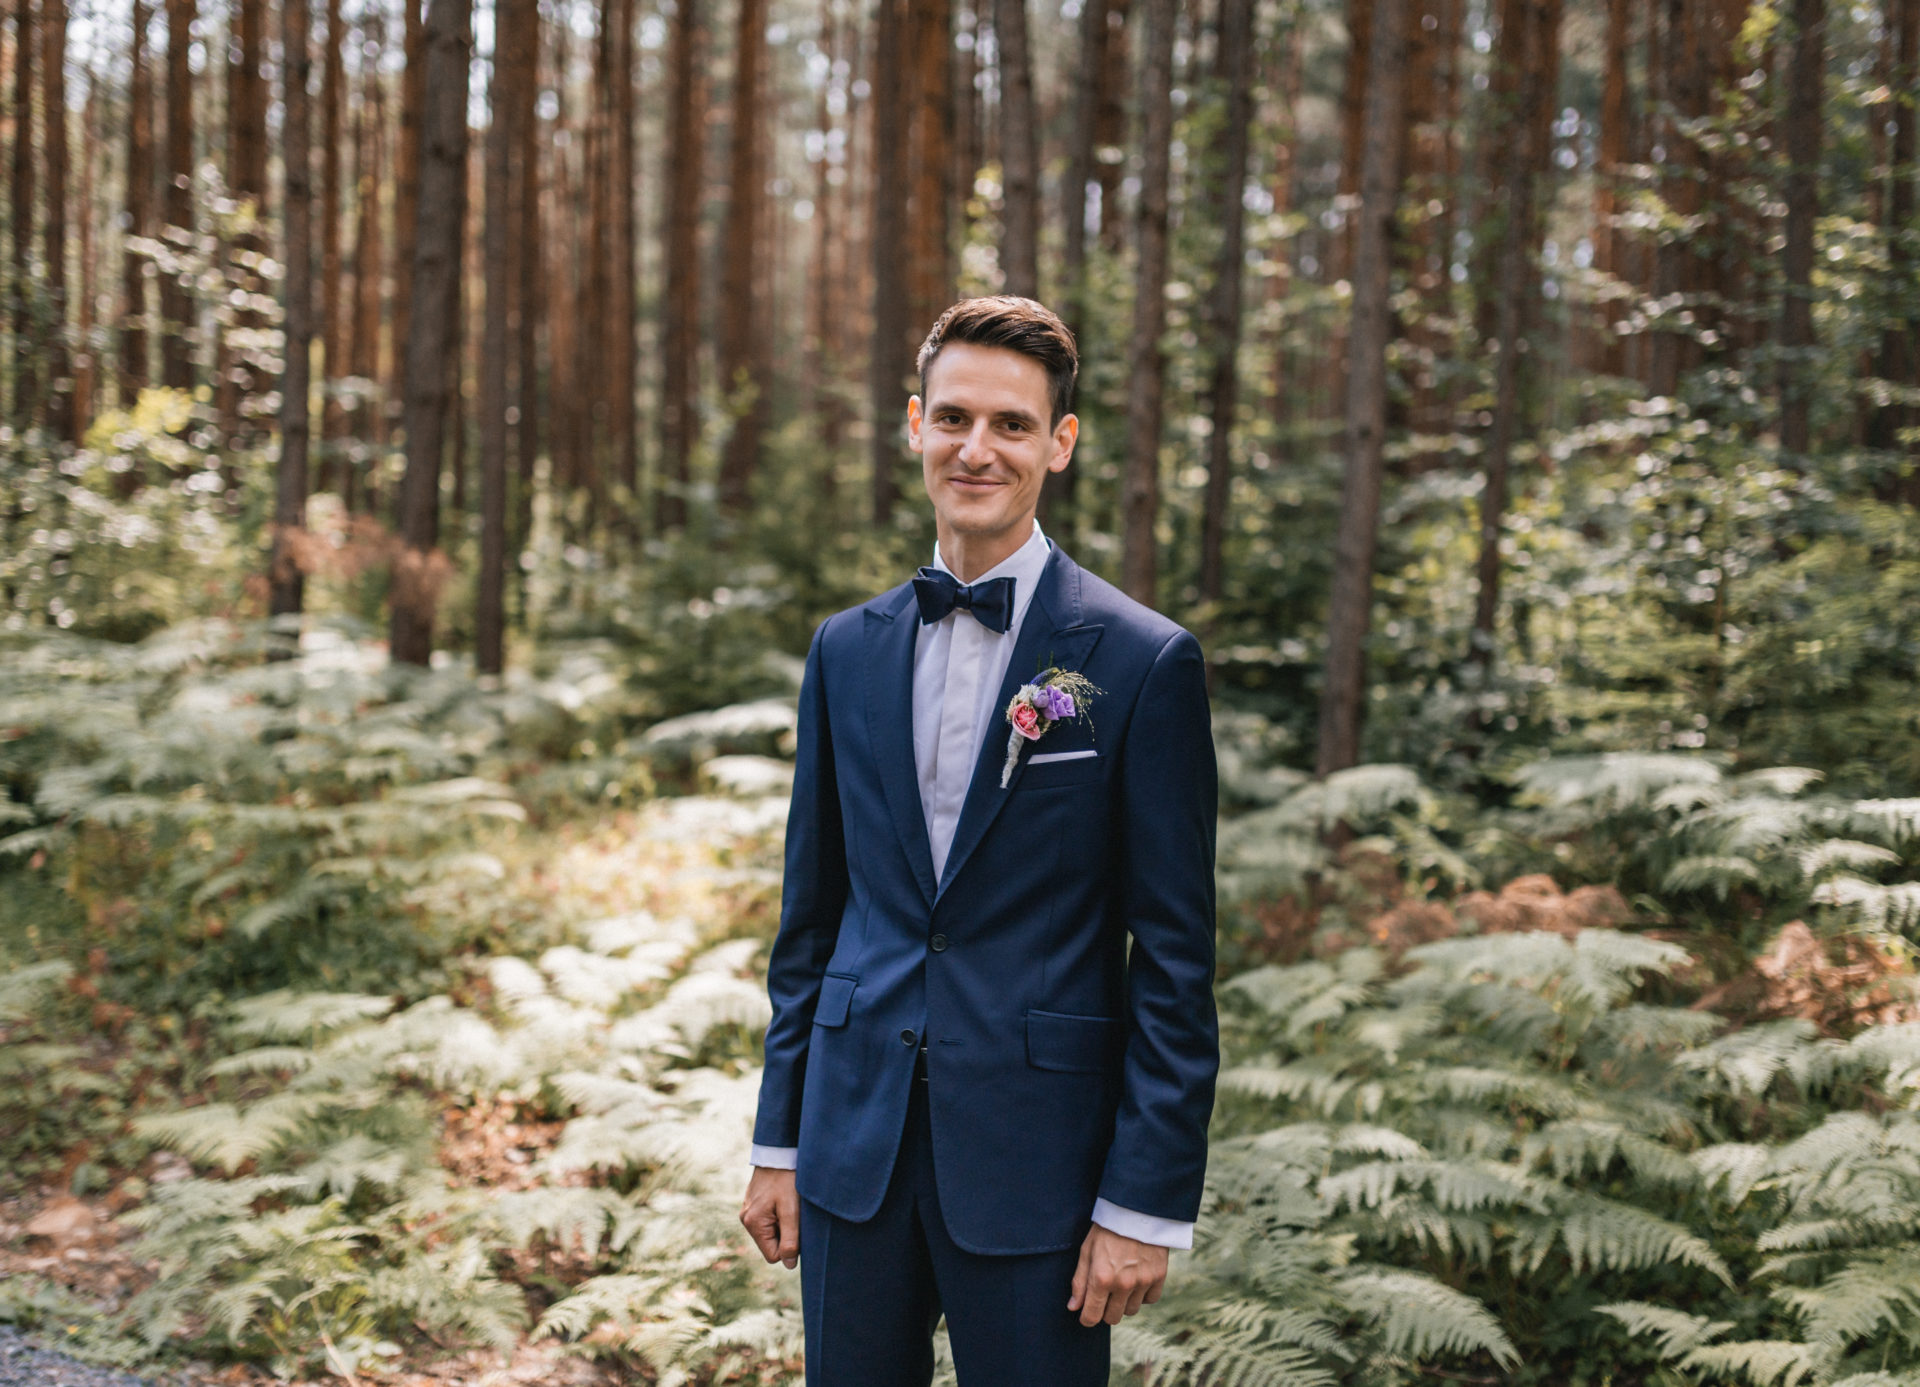 Hochzeitsreportage, Portfolio | Hochzeit auf dem Rittergut Positz | 25